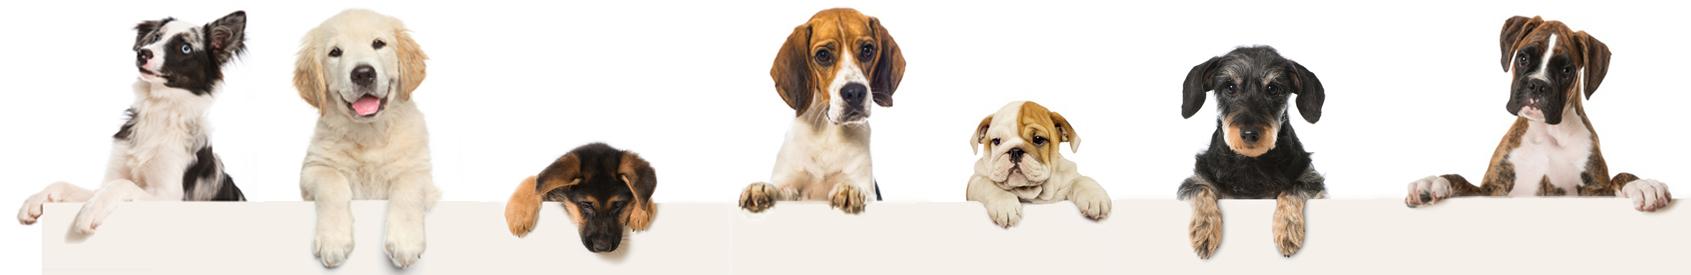 Physiotherapiepraxis für Hunde in Ettlingen und Region Karlsruhe